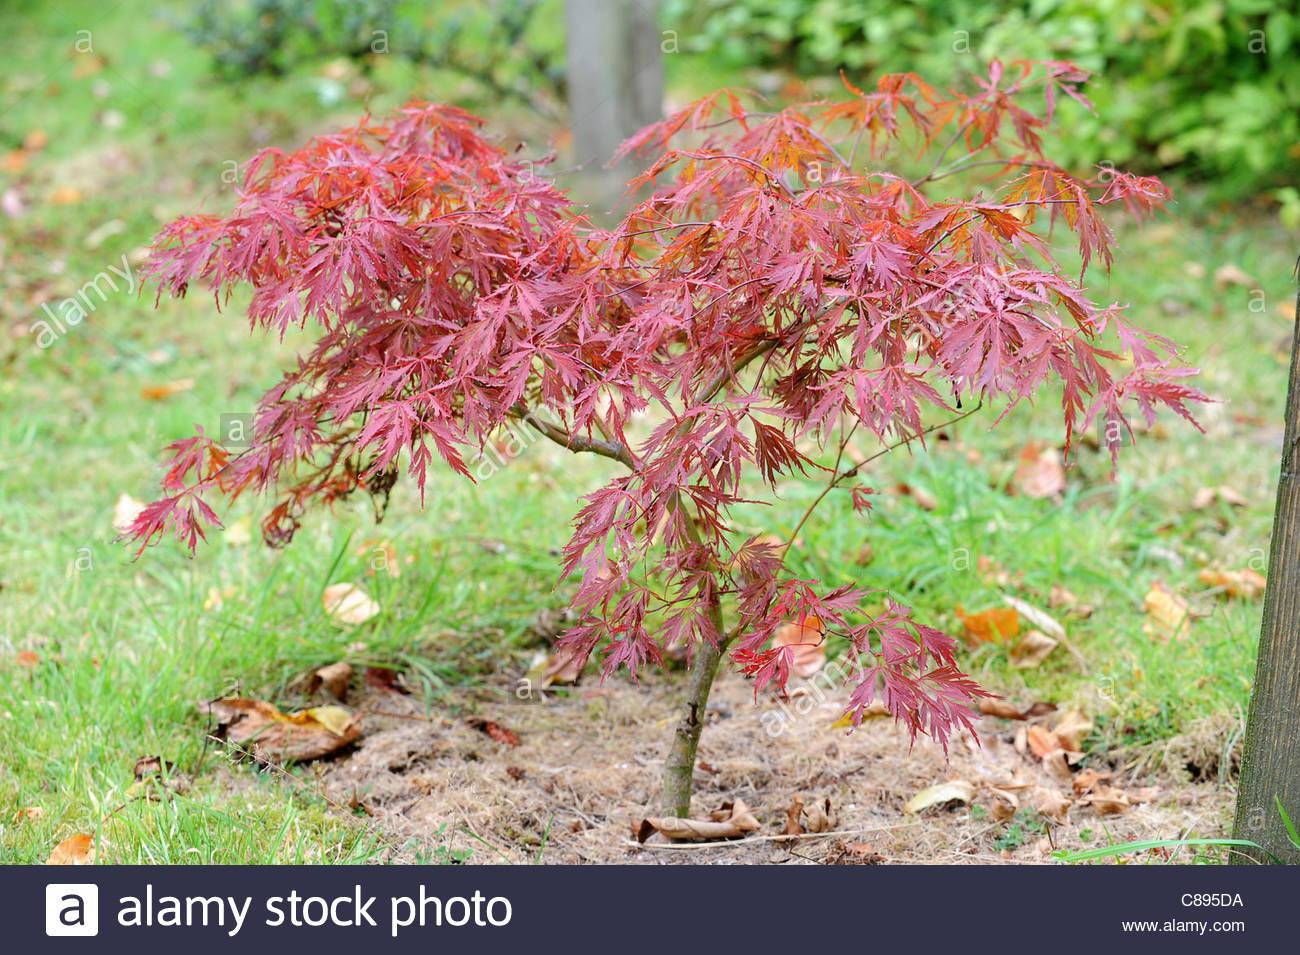 Acer Palmatum Dissectum Crimson King Stock Photo 39539846 Alamy